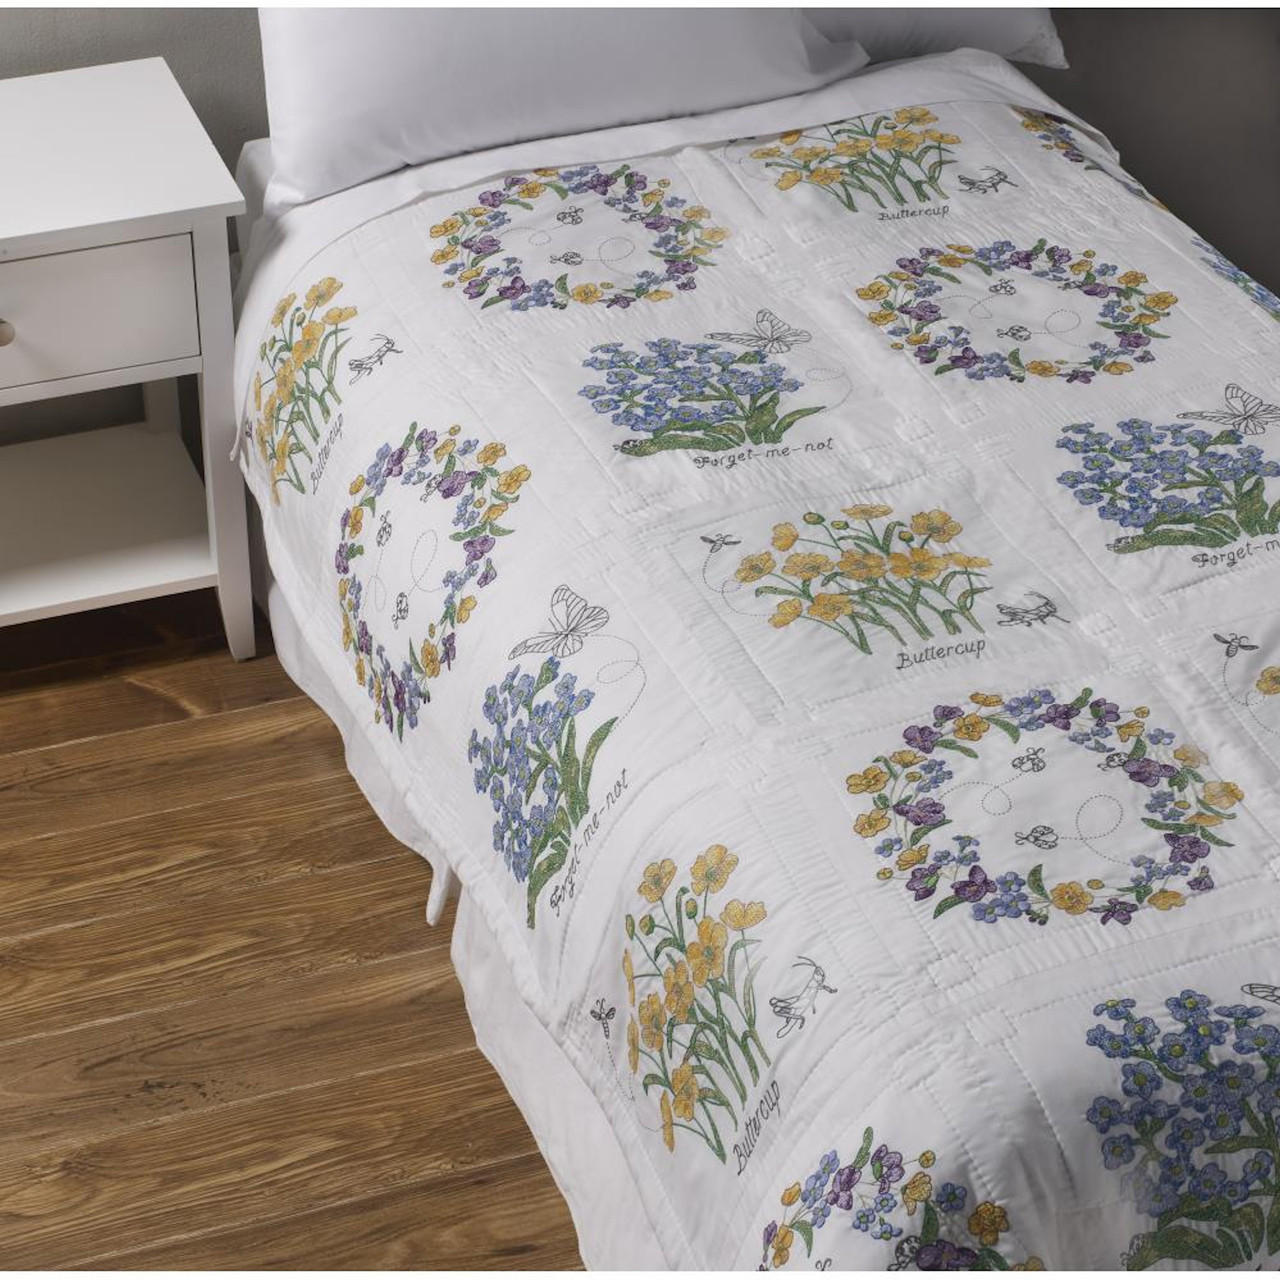 Plaid / Bucilla - Floral Splendor Quilt Blocks